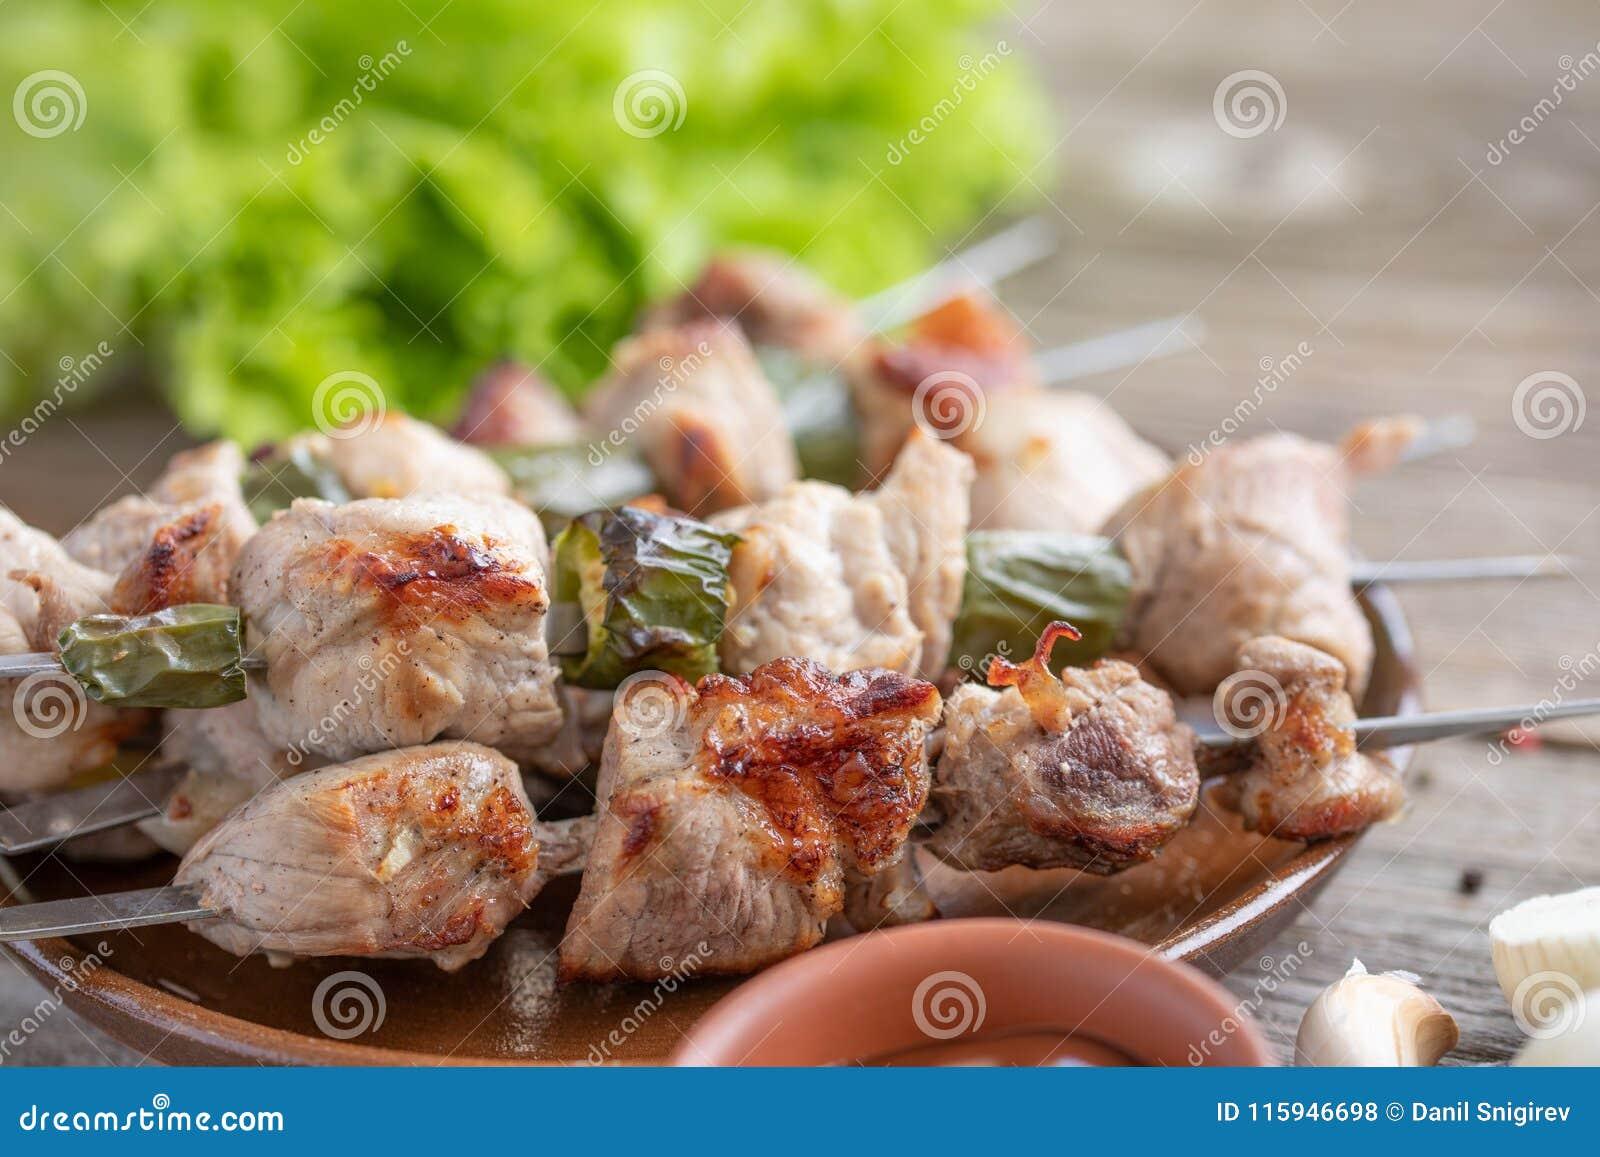 Chiche-kebab sensible du porc cuit sur un feu ouvert et des feuilles fraîches de laitue la vie toujours sur un fond en bois Plan